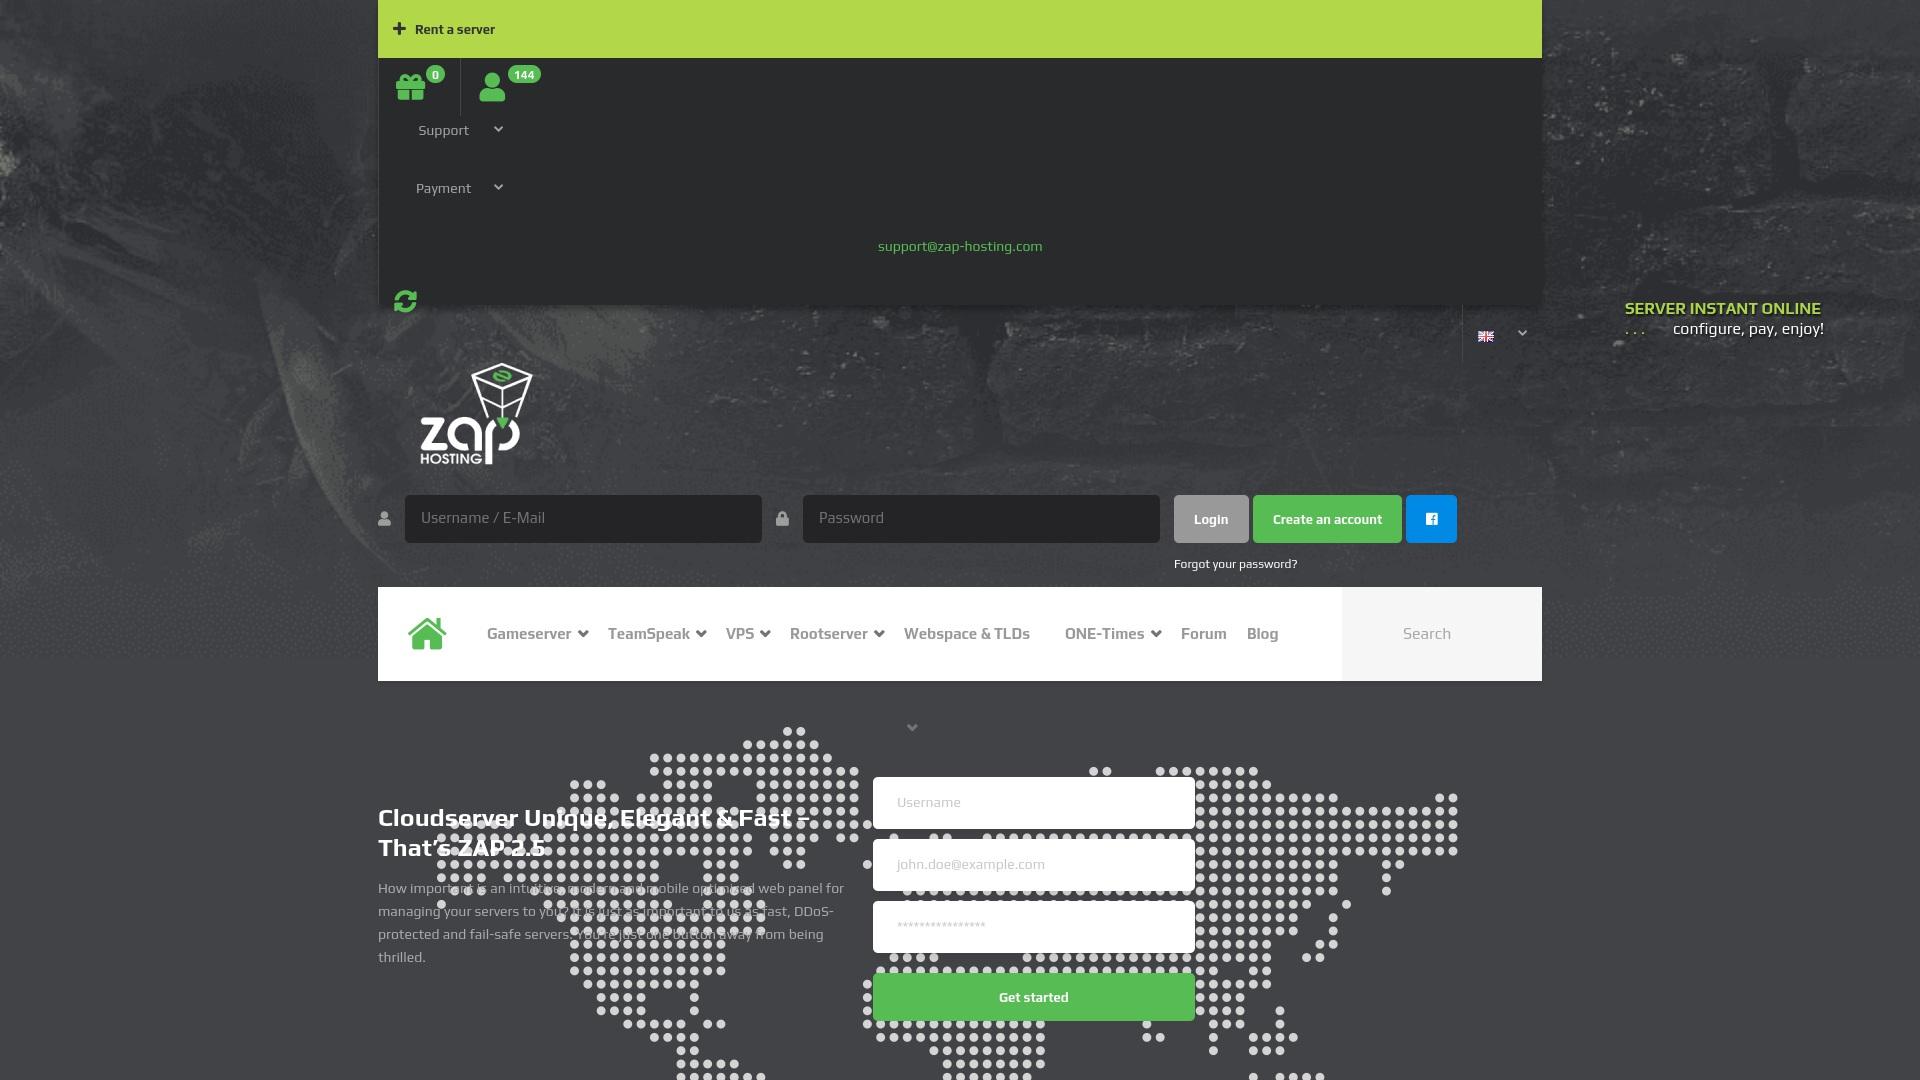 Geld zurück bei Zap-hosting: Jetzt im Oktober 2021 Cashback für Zap-hosting sichern